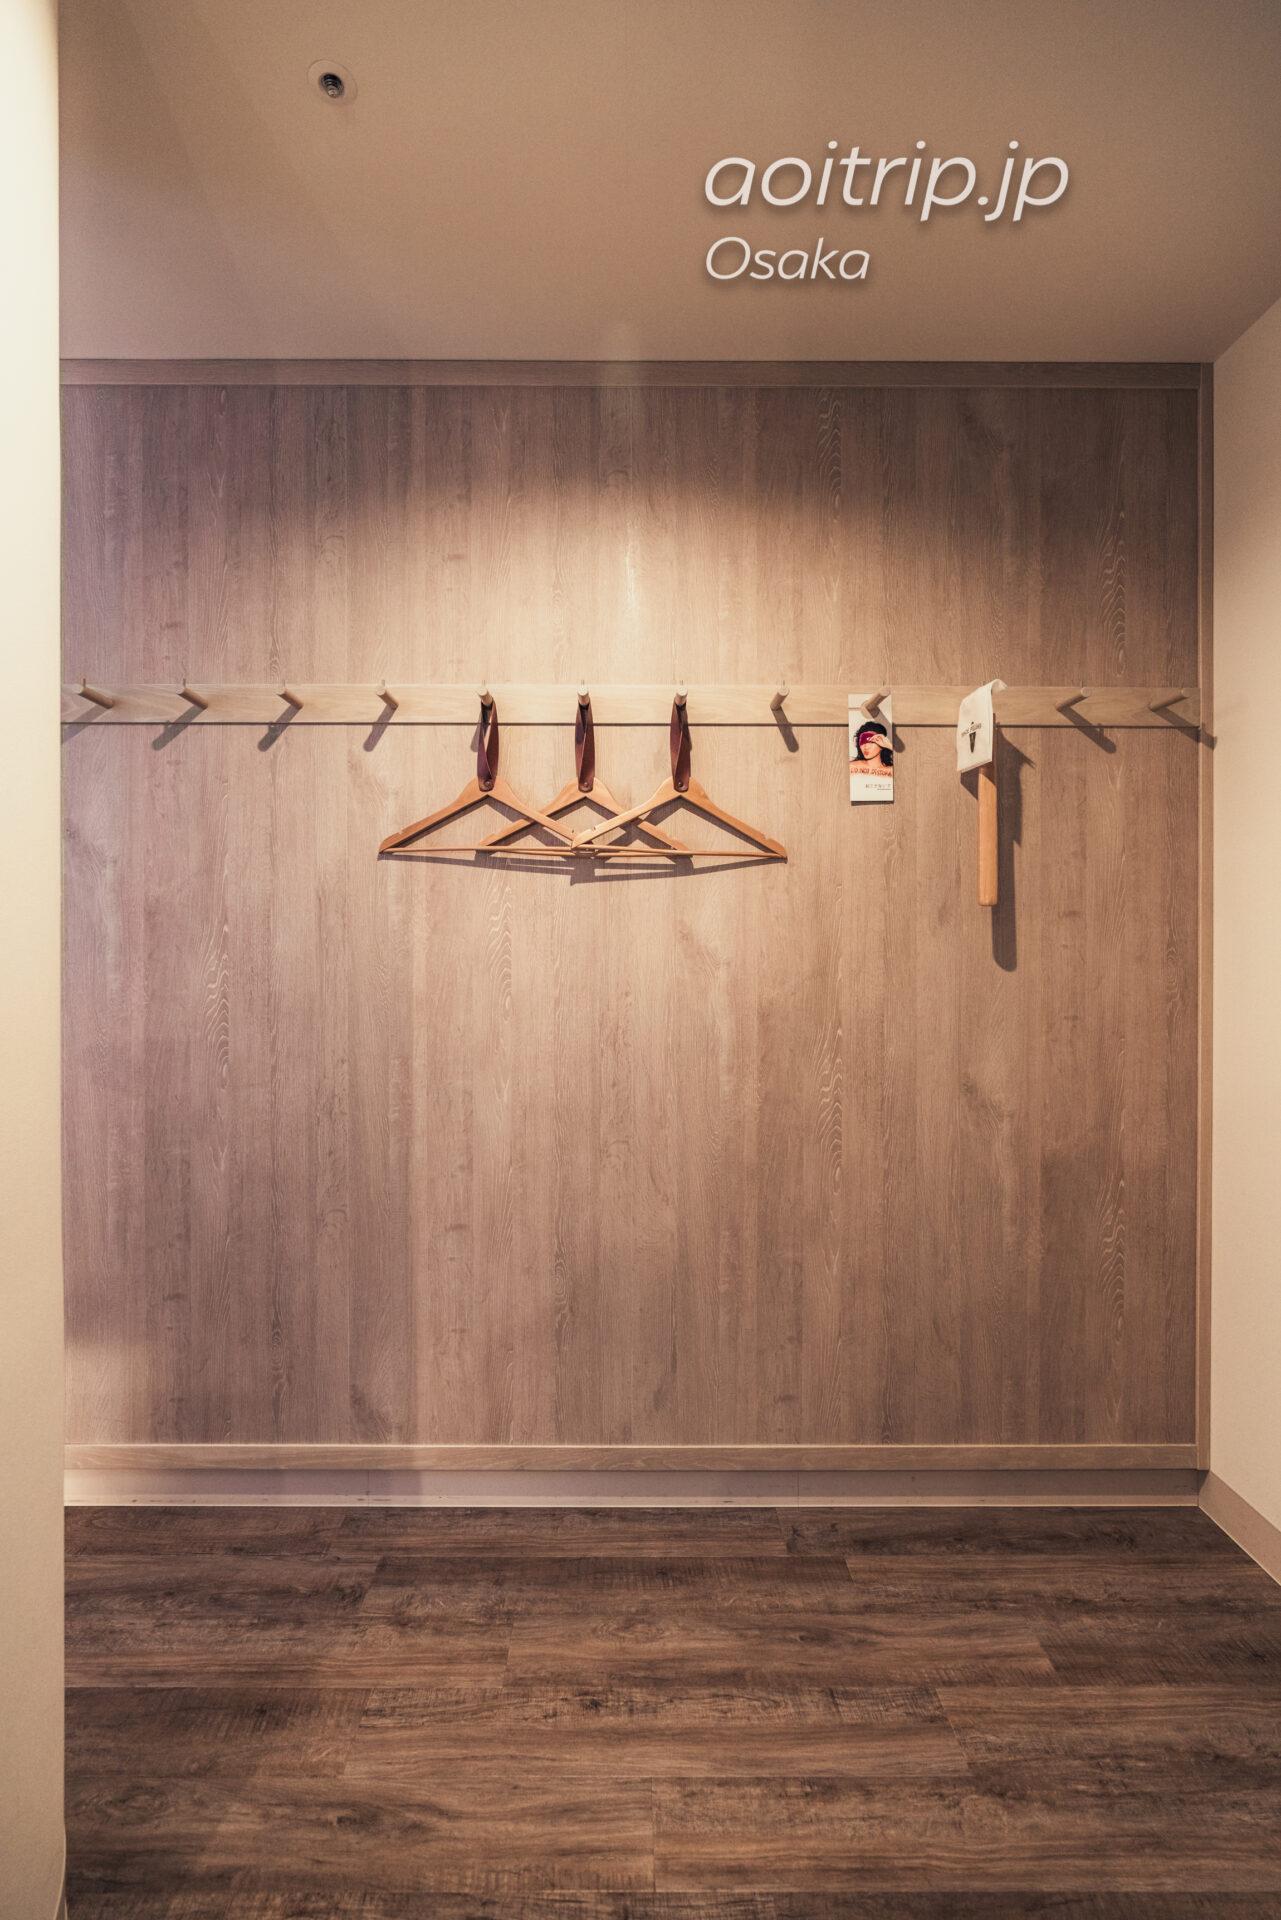 モクシー大阪本町 Moxy Osaka Honmachi モクシーシグネチャー ツイン 大きめの客室 Moxy Signature Twin, 29sqm, Larger Guest room